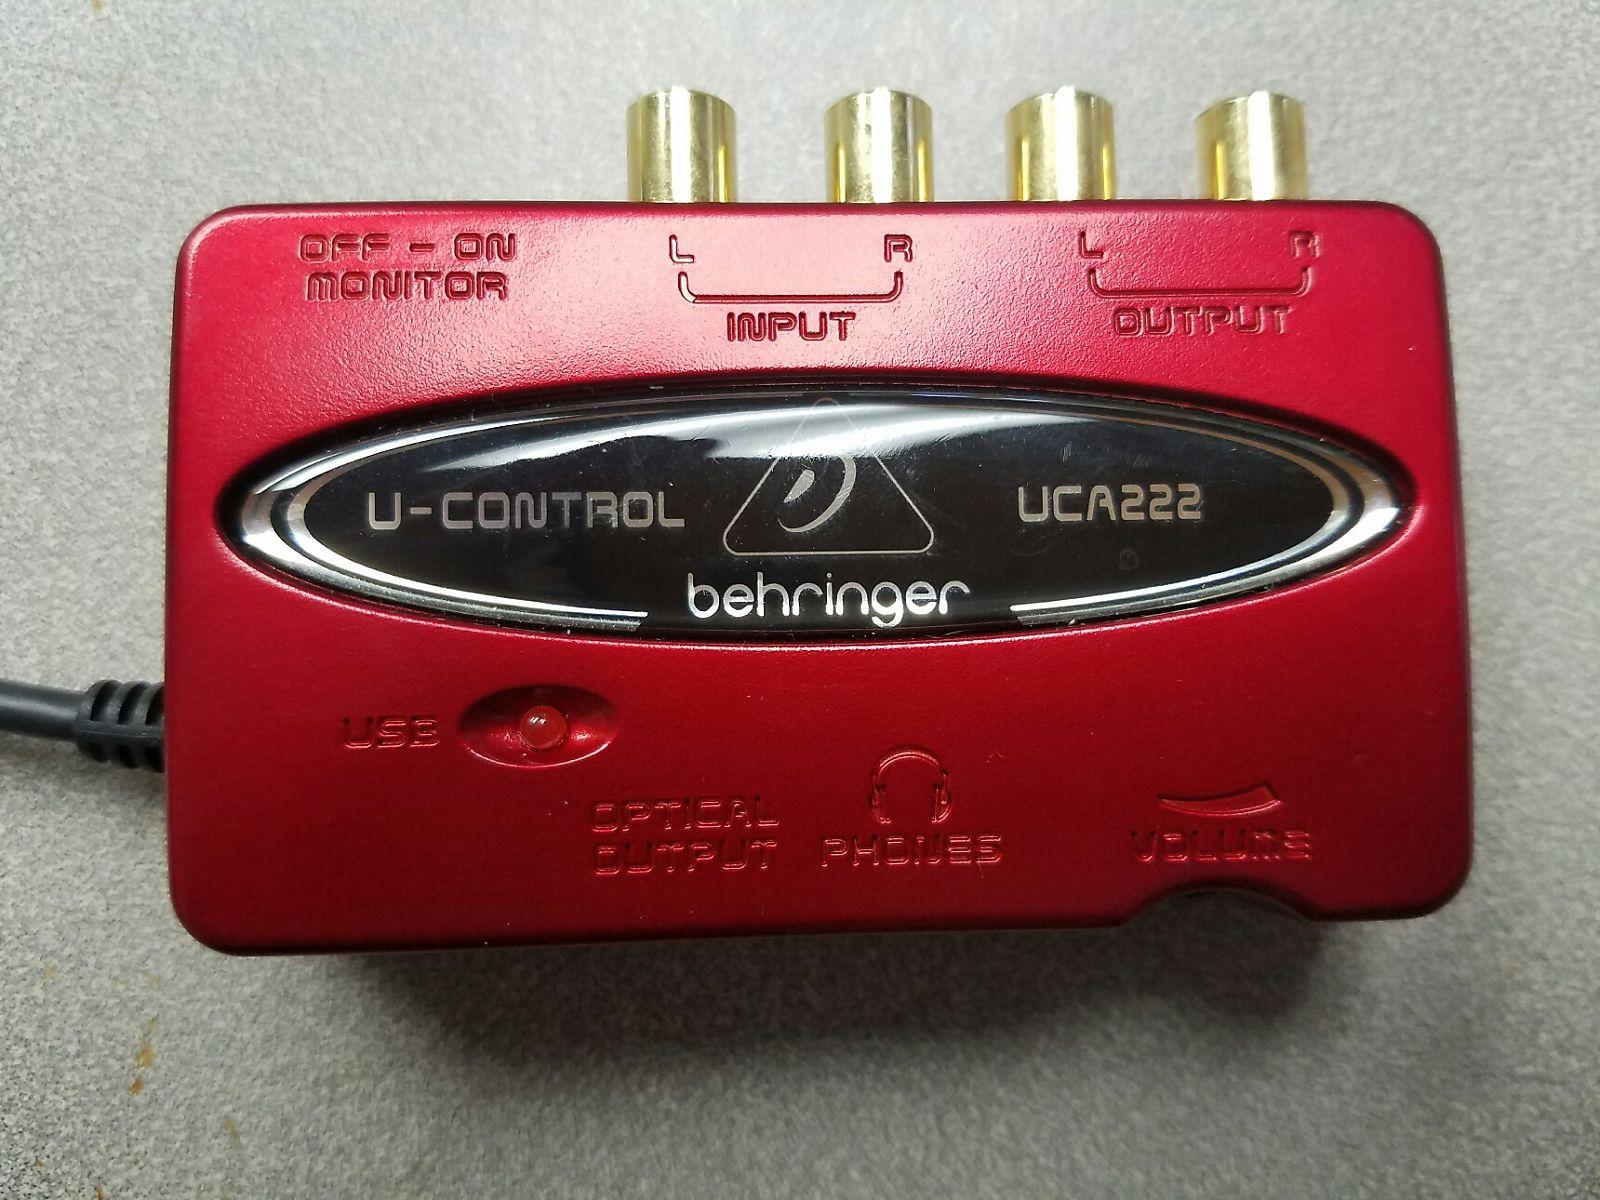 behringer u control uca222 2 channel 16 bit 48khz usb reverb. Black Bedroom Furniture Sets. Home Design Ideas